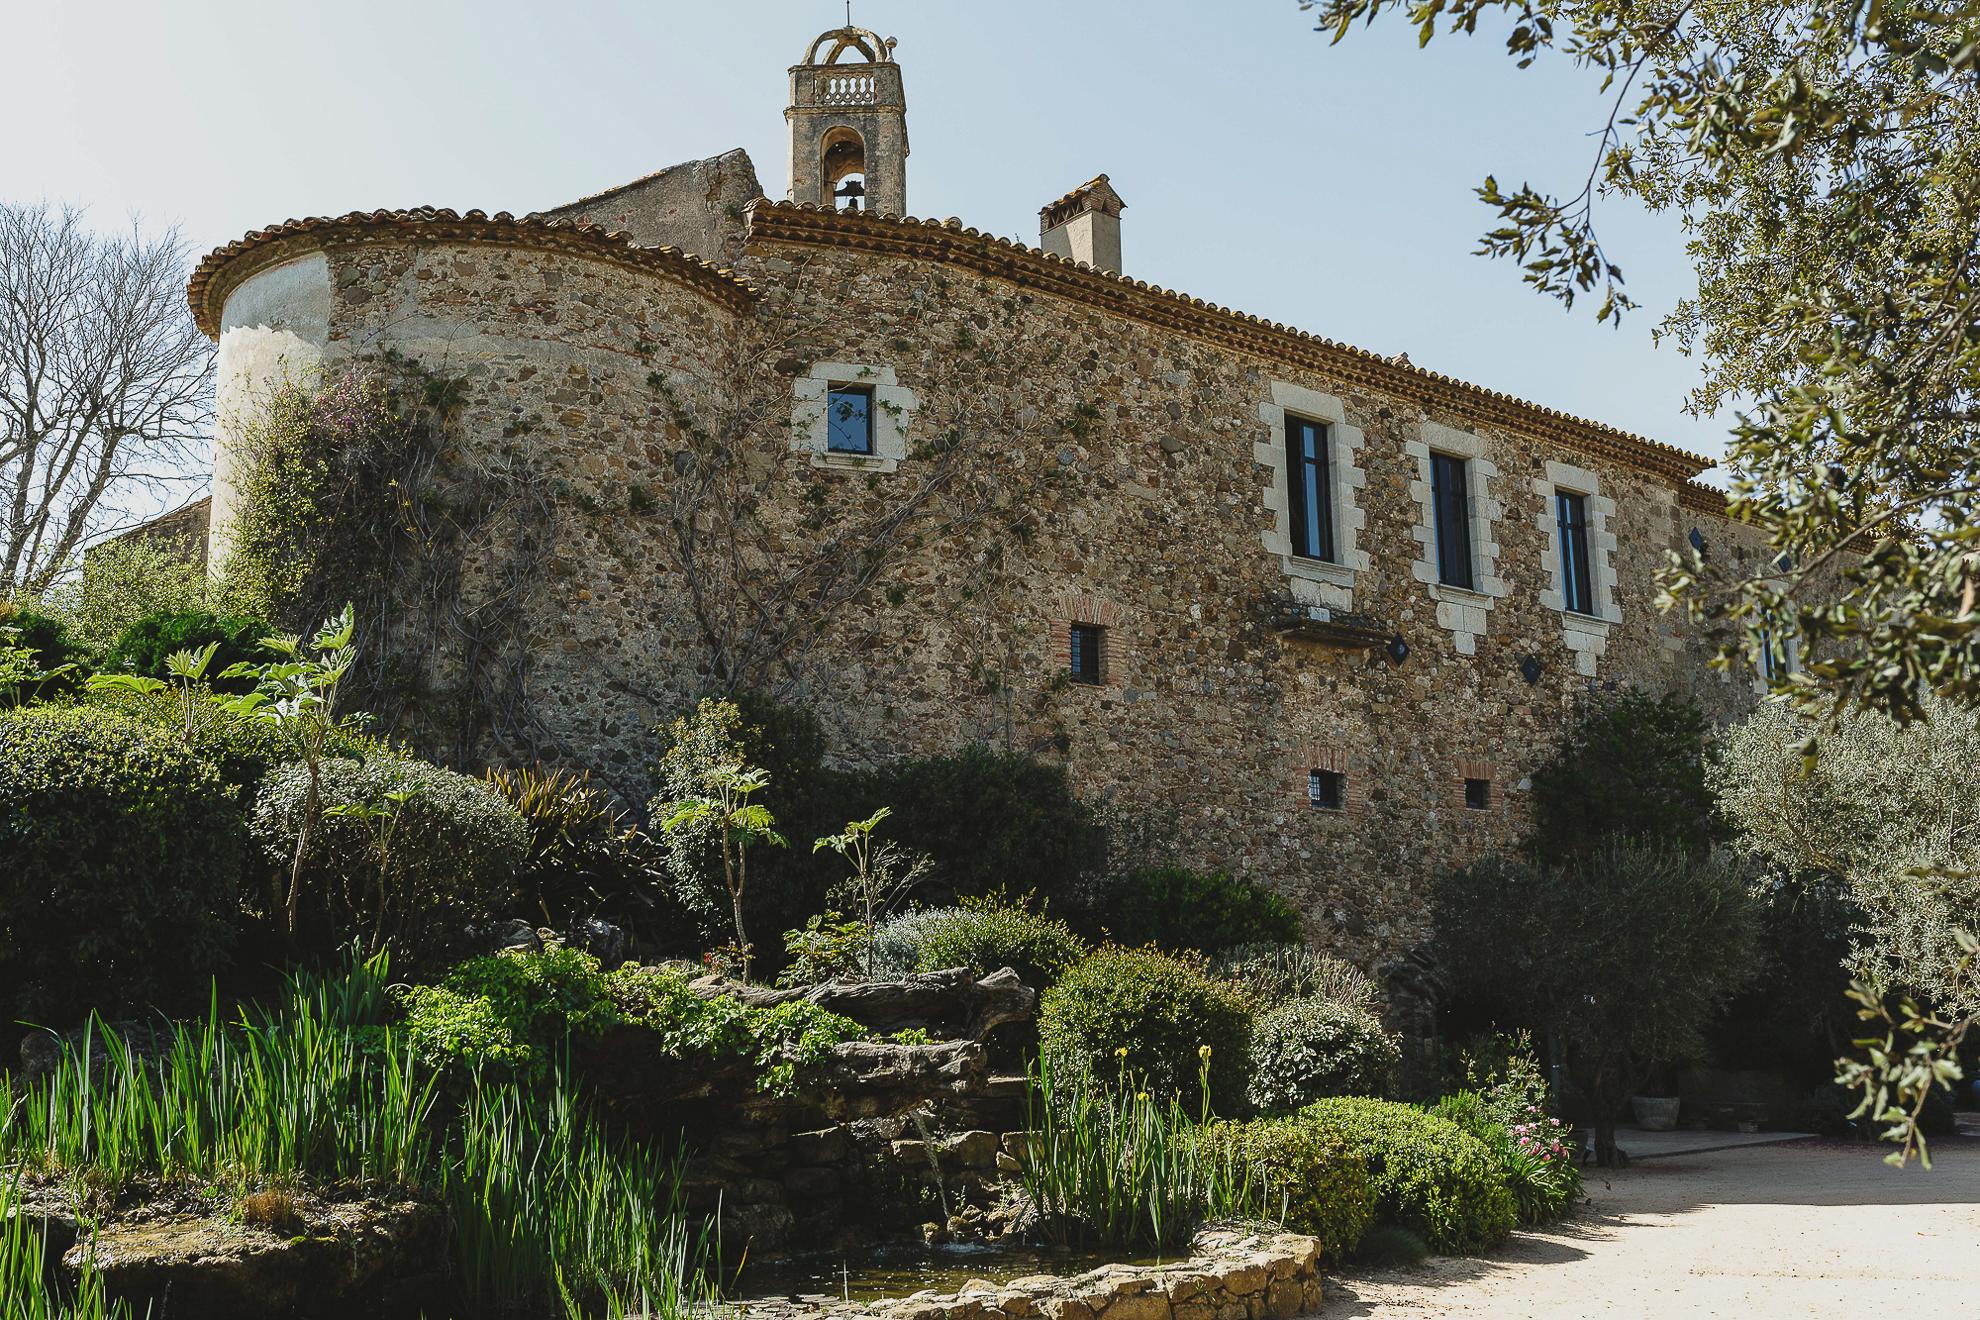 Hotel Castell Emporda